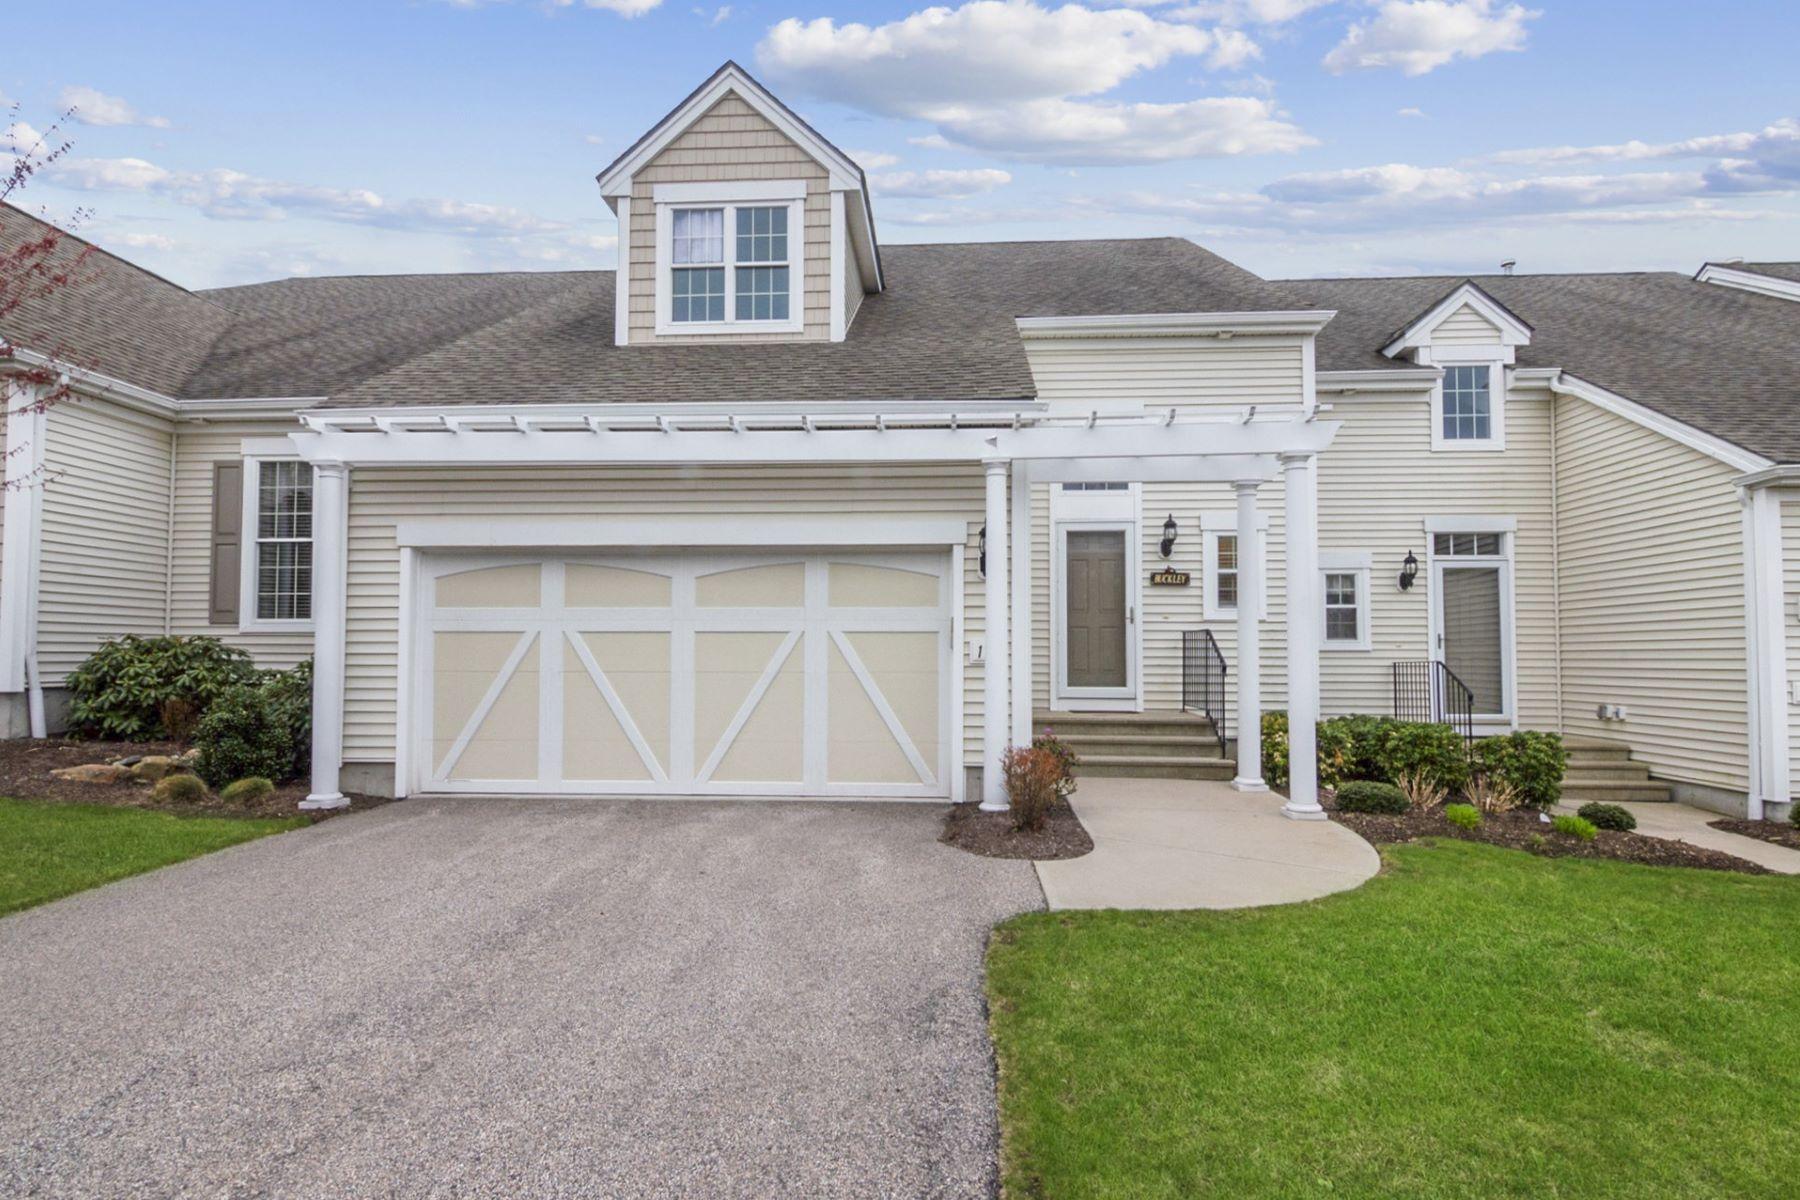 Πολυκατοικία ατομικής ιδιοκτησίας για την Πώληση στο 114 Hampton Way, South Kingstown, RI South Kingstown, Ροουντ Αϊλαντ 02879 Ηνωμένες Πολιτείες